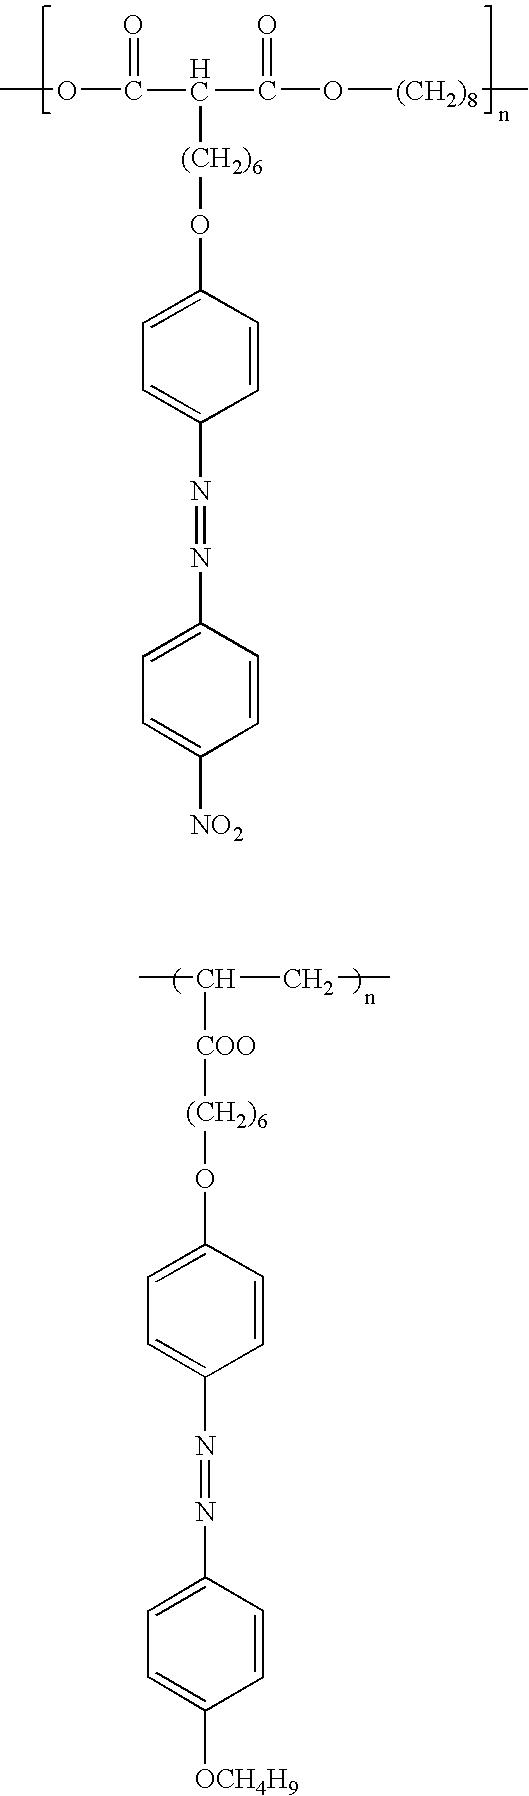 Figure US06822713-20041123-C00004